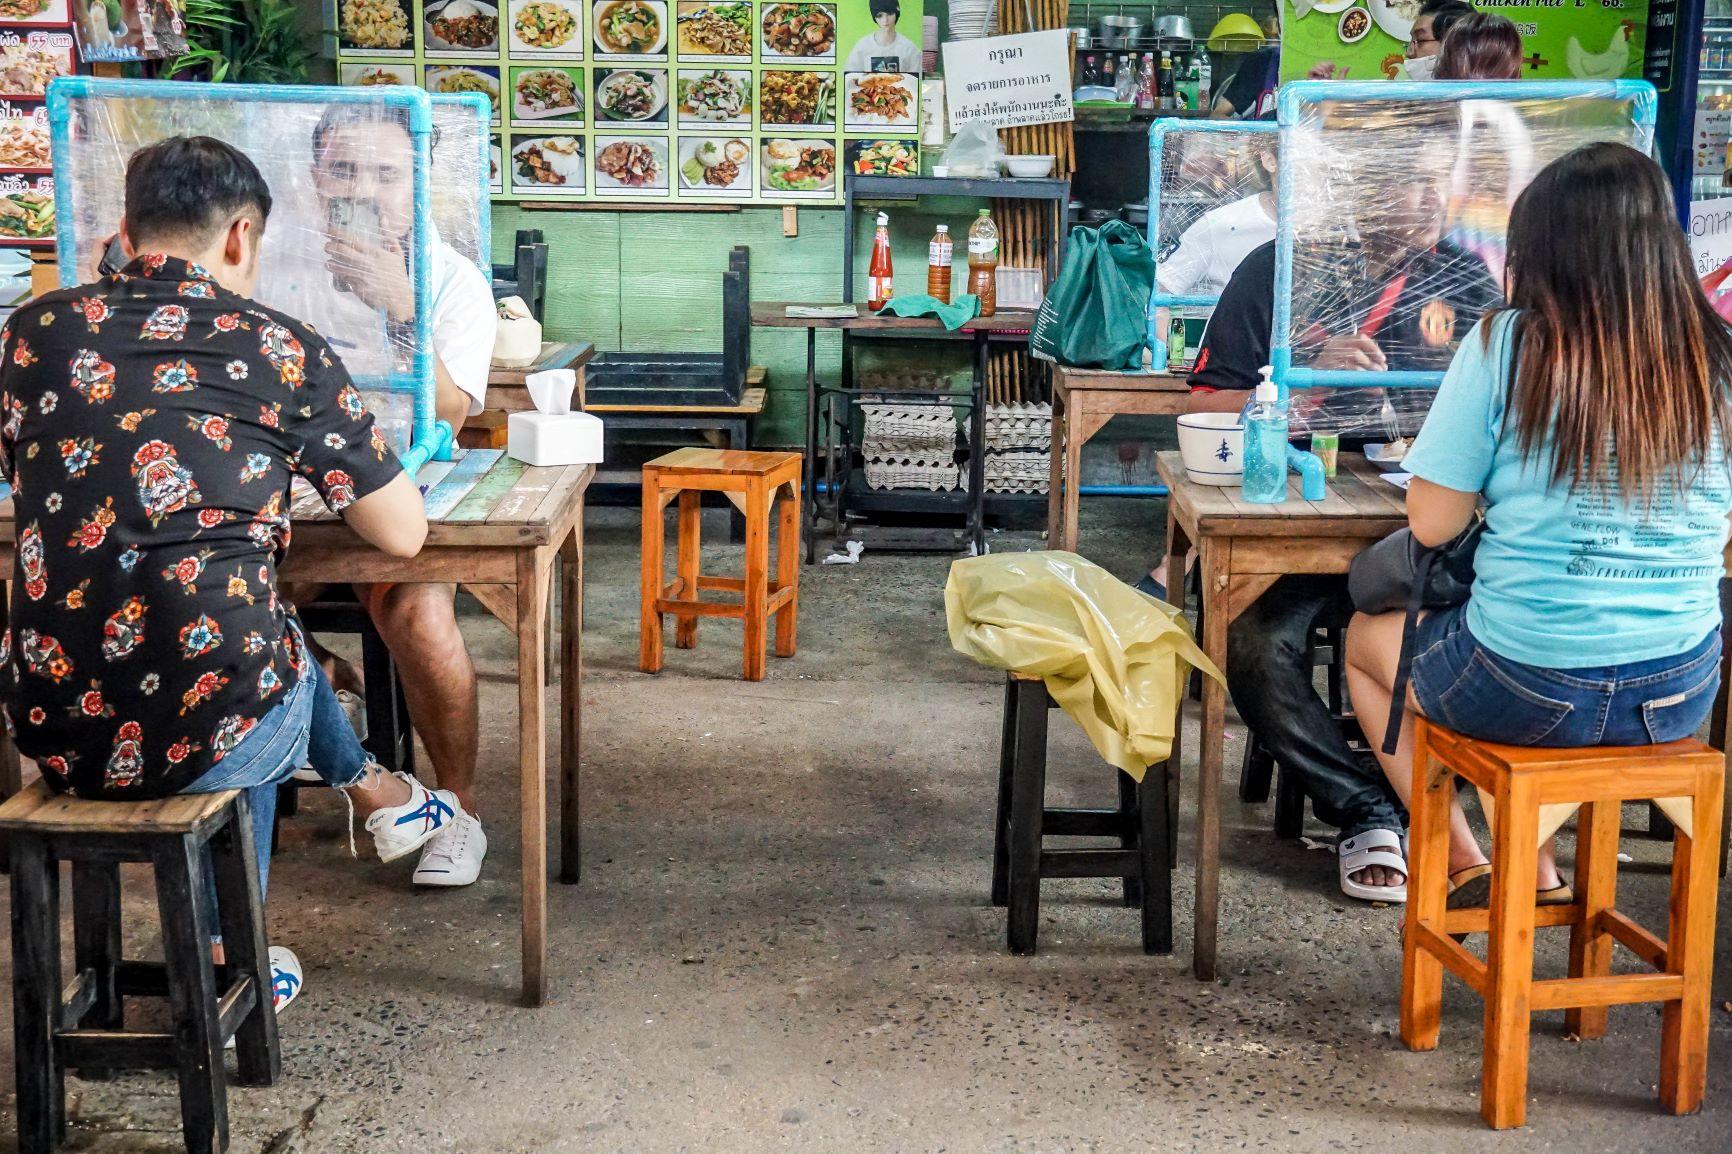 หนุนใช้กองทุนสุขภาพตำบล ปรับพฤติกรรมชุมชนป้องกันโควิด-19 thaihealth